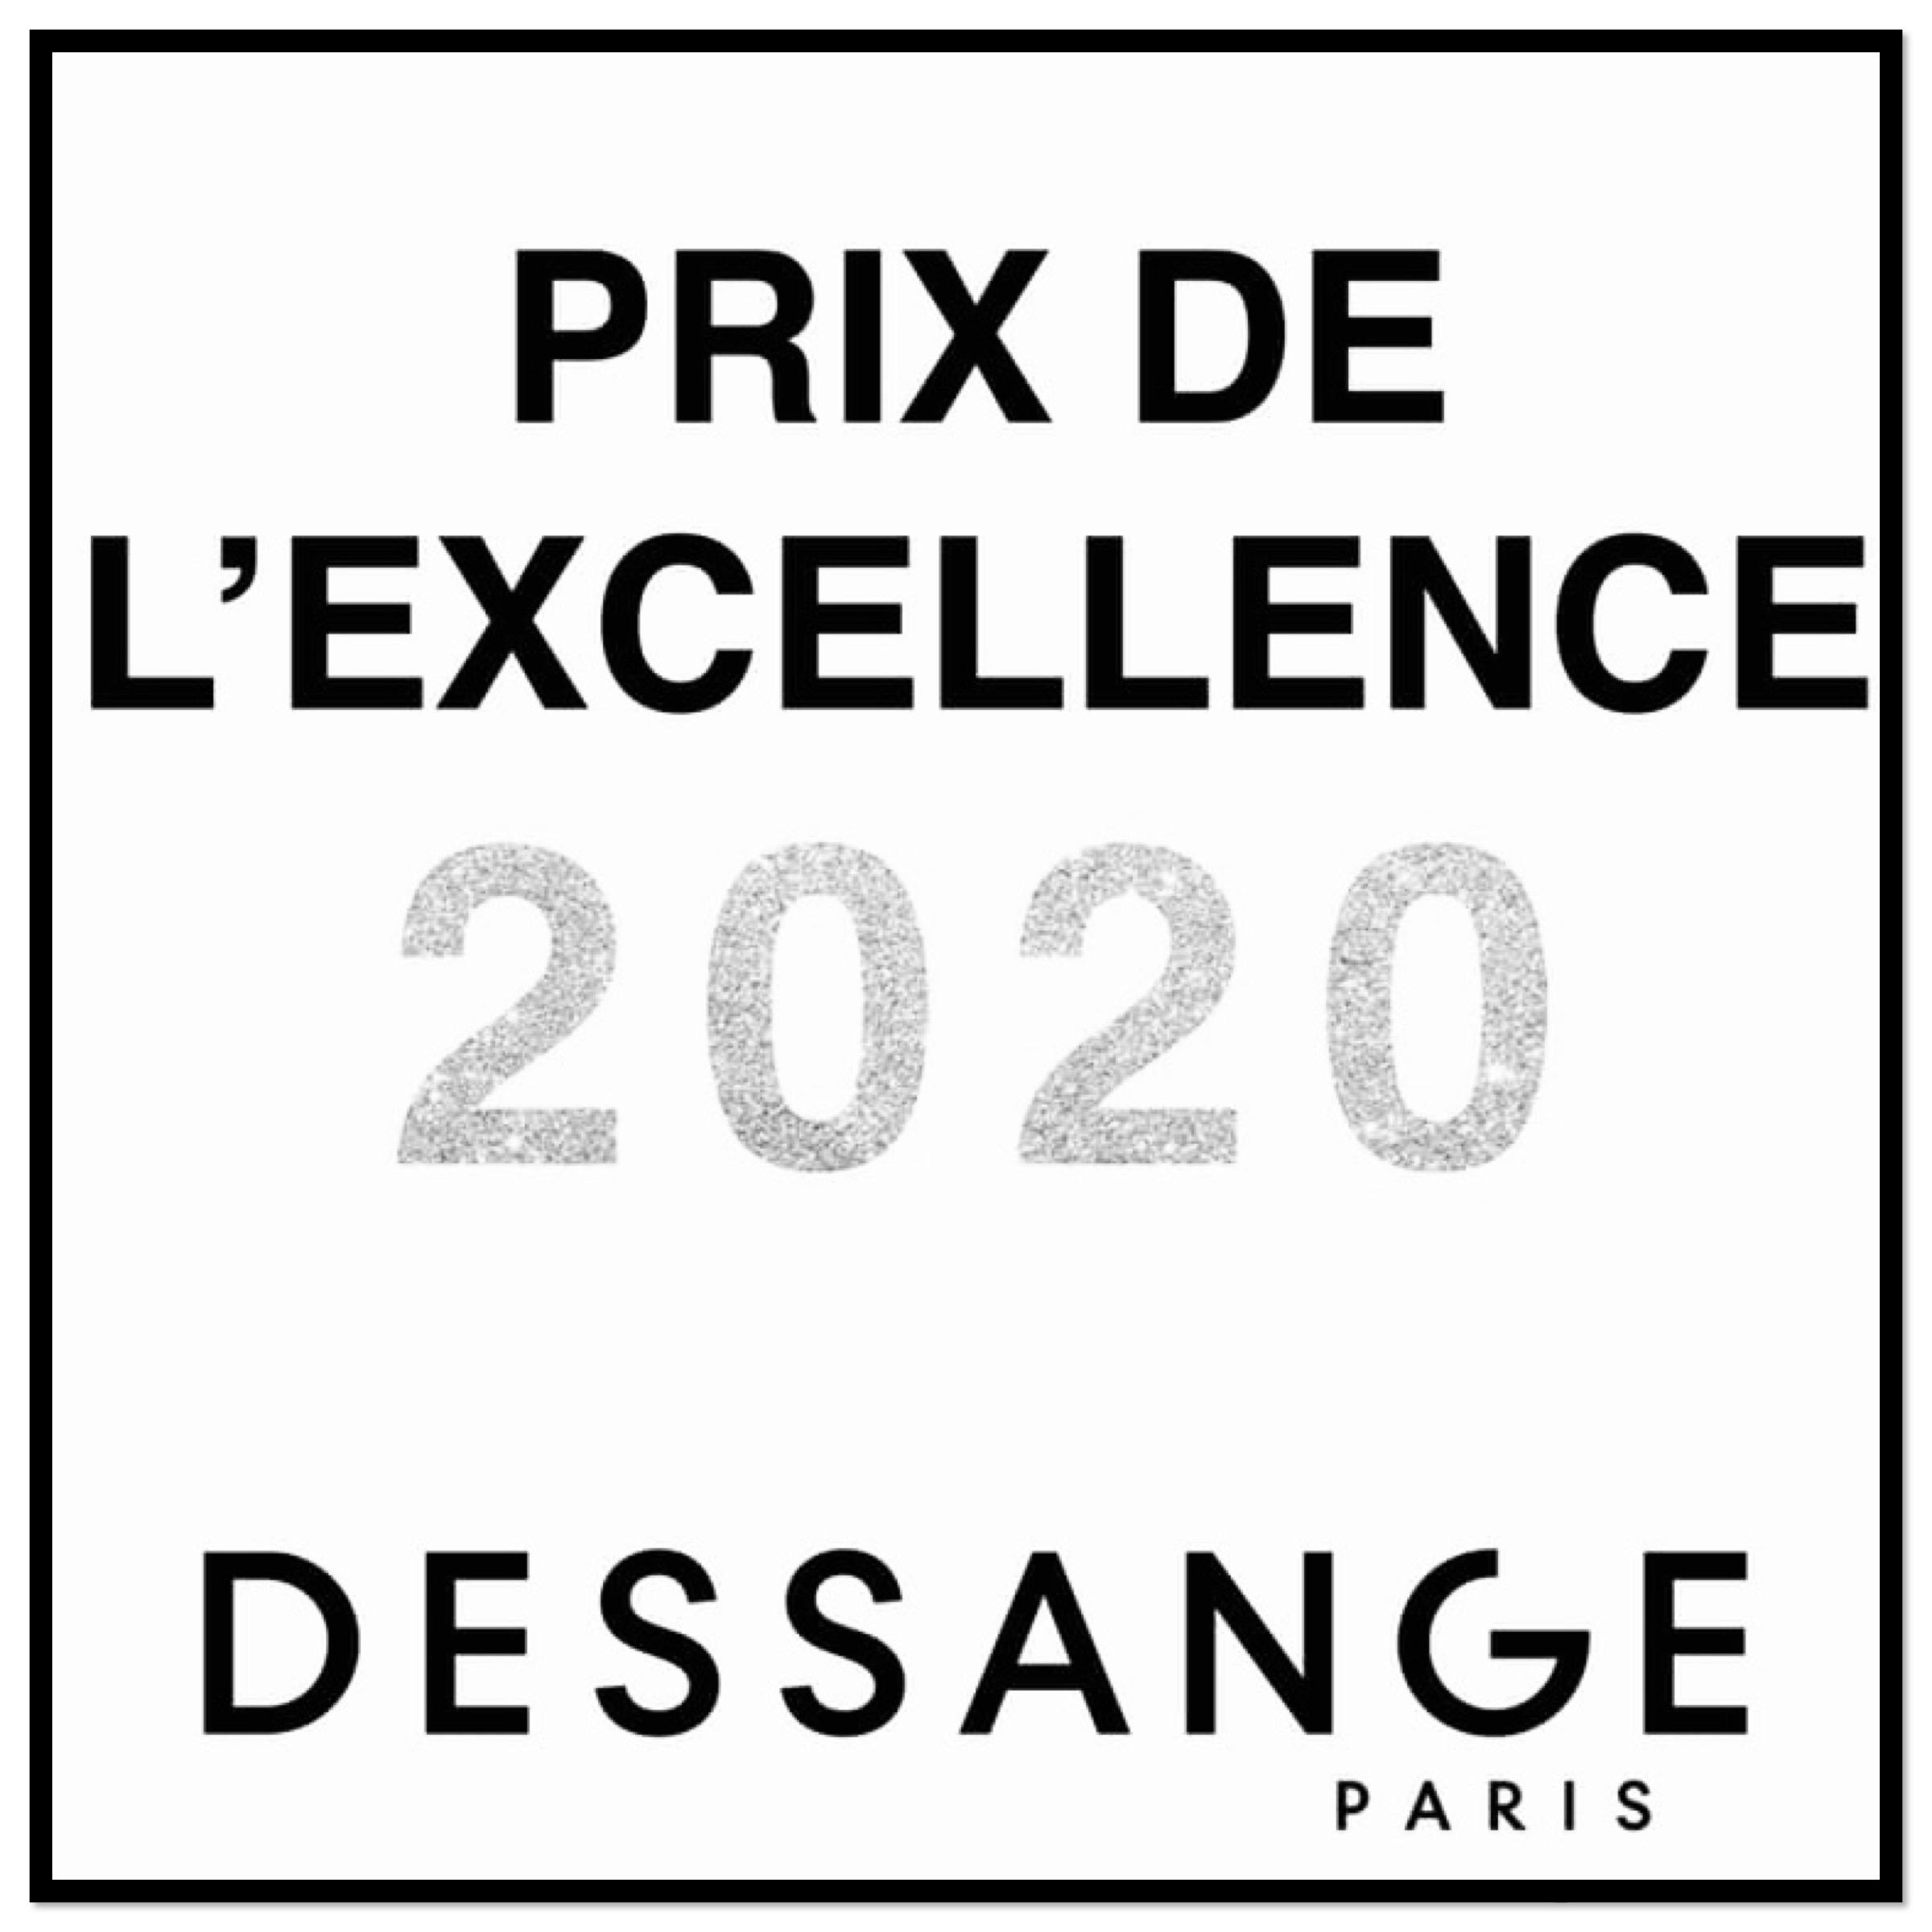 Prix de l'excellence Dessange Orléans